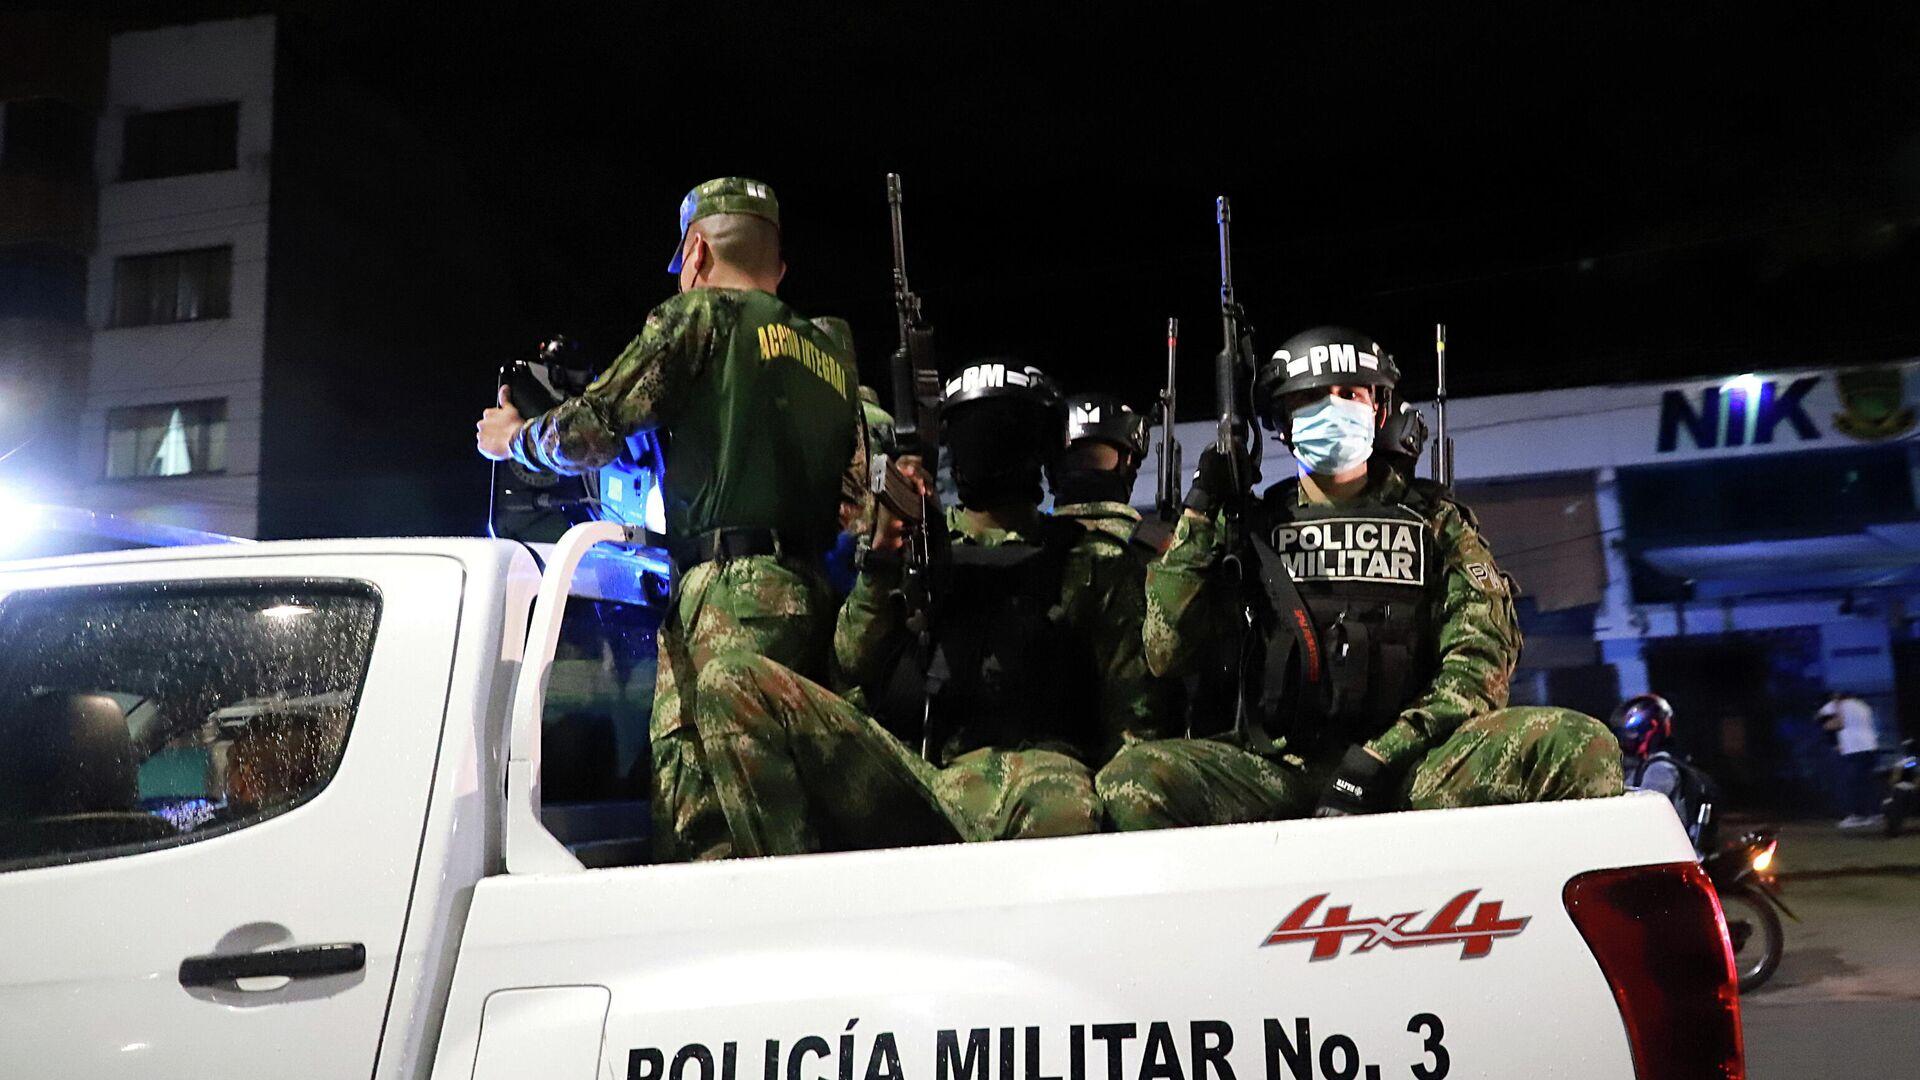 Cuerpos de la Policía Militar en Cali (Colombia), el 29 de mayo del 2021 - Sputnik Mundo, 1920, 30.05.2021